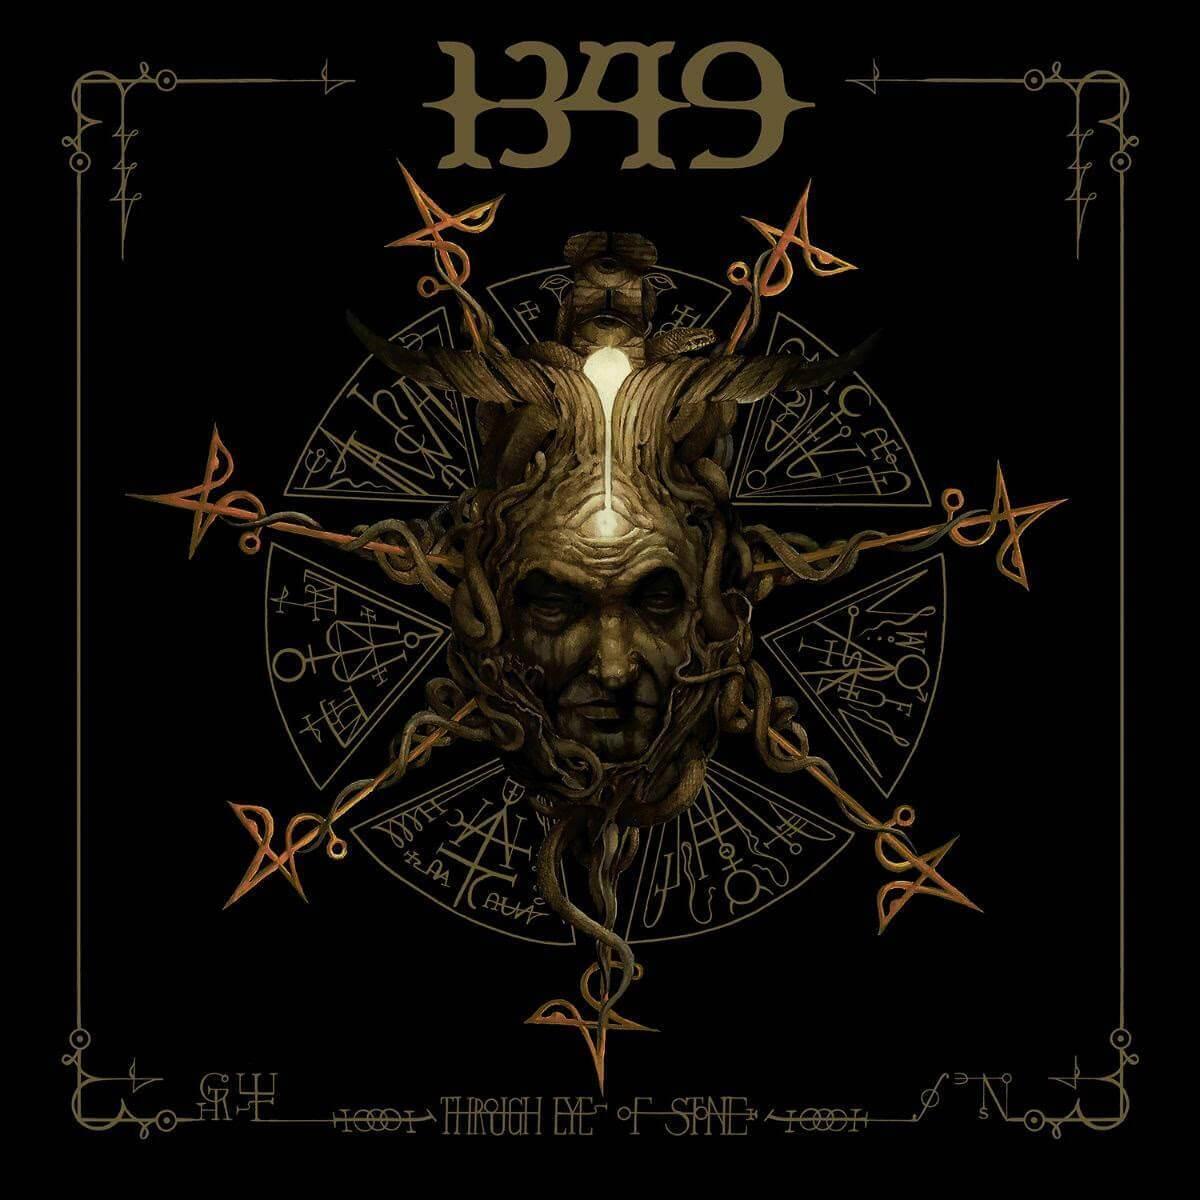 1349-eyes-stone